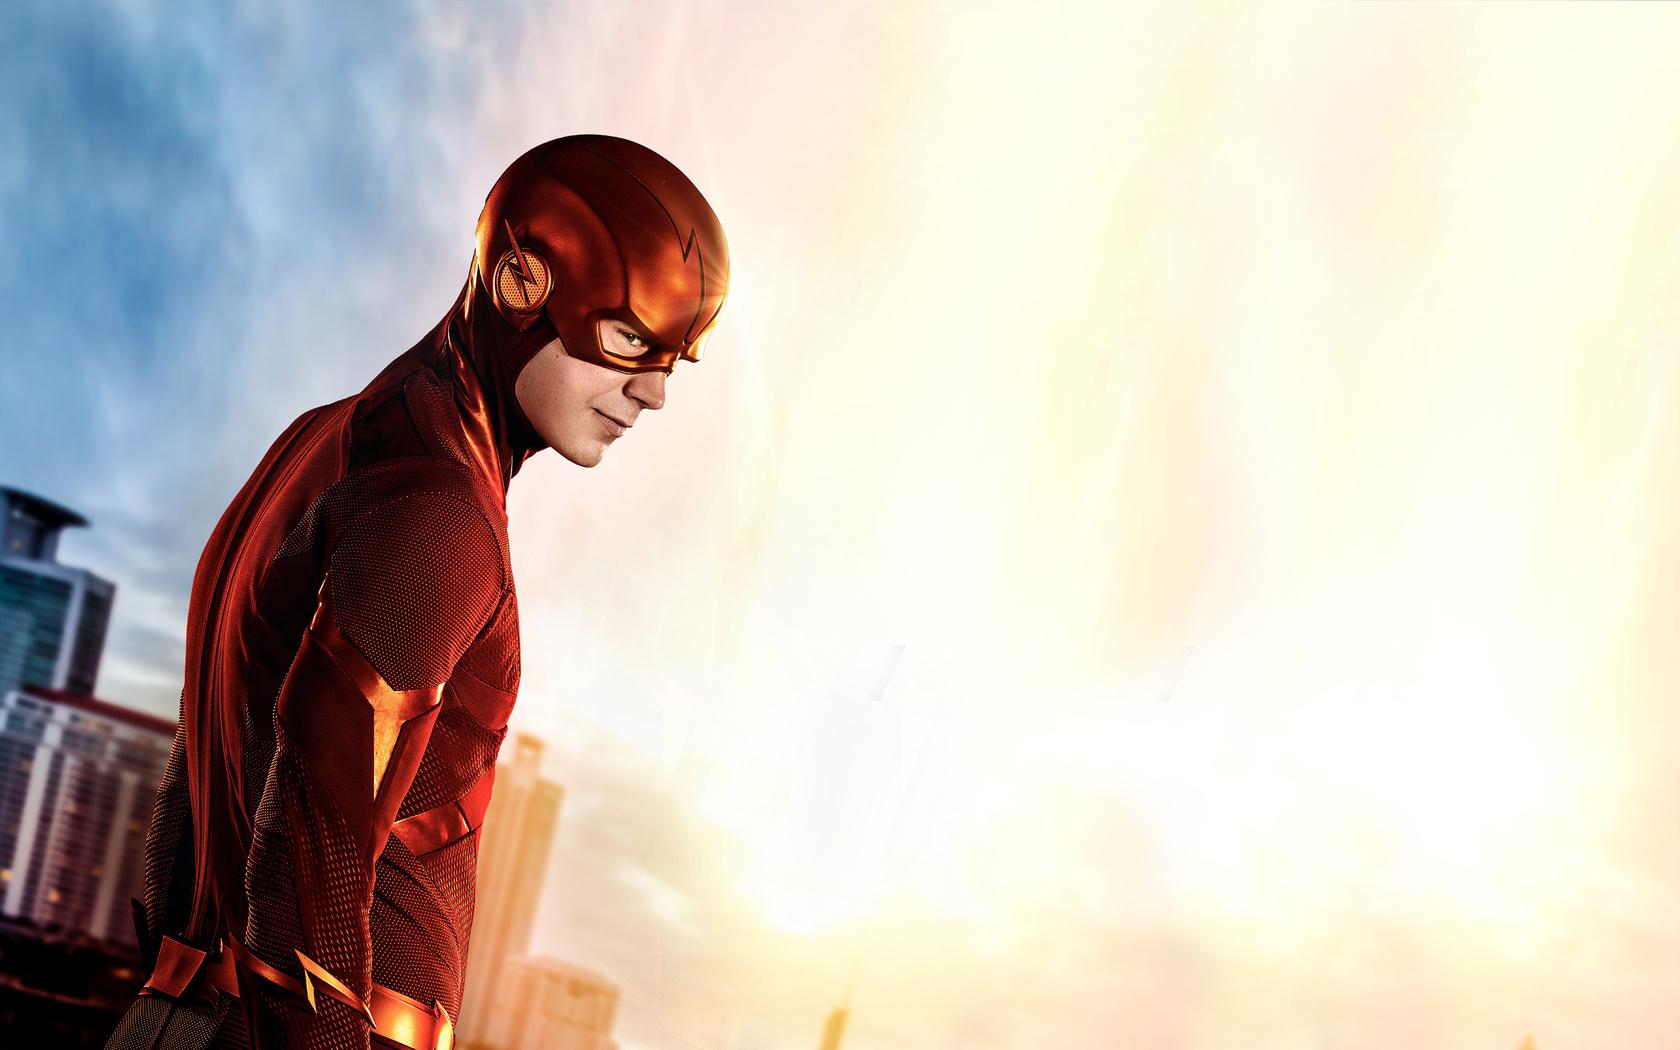 flash-season-6-4k-i0.jpg